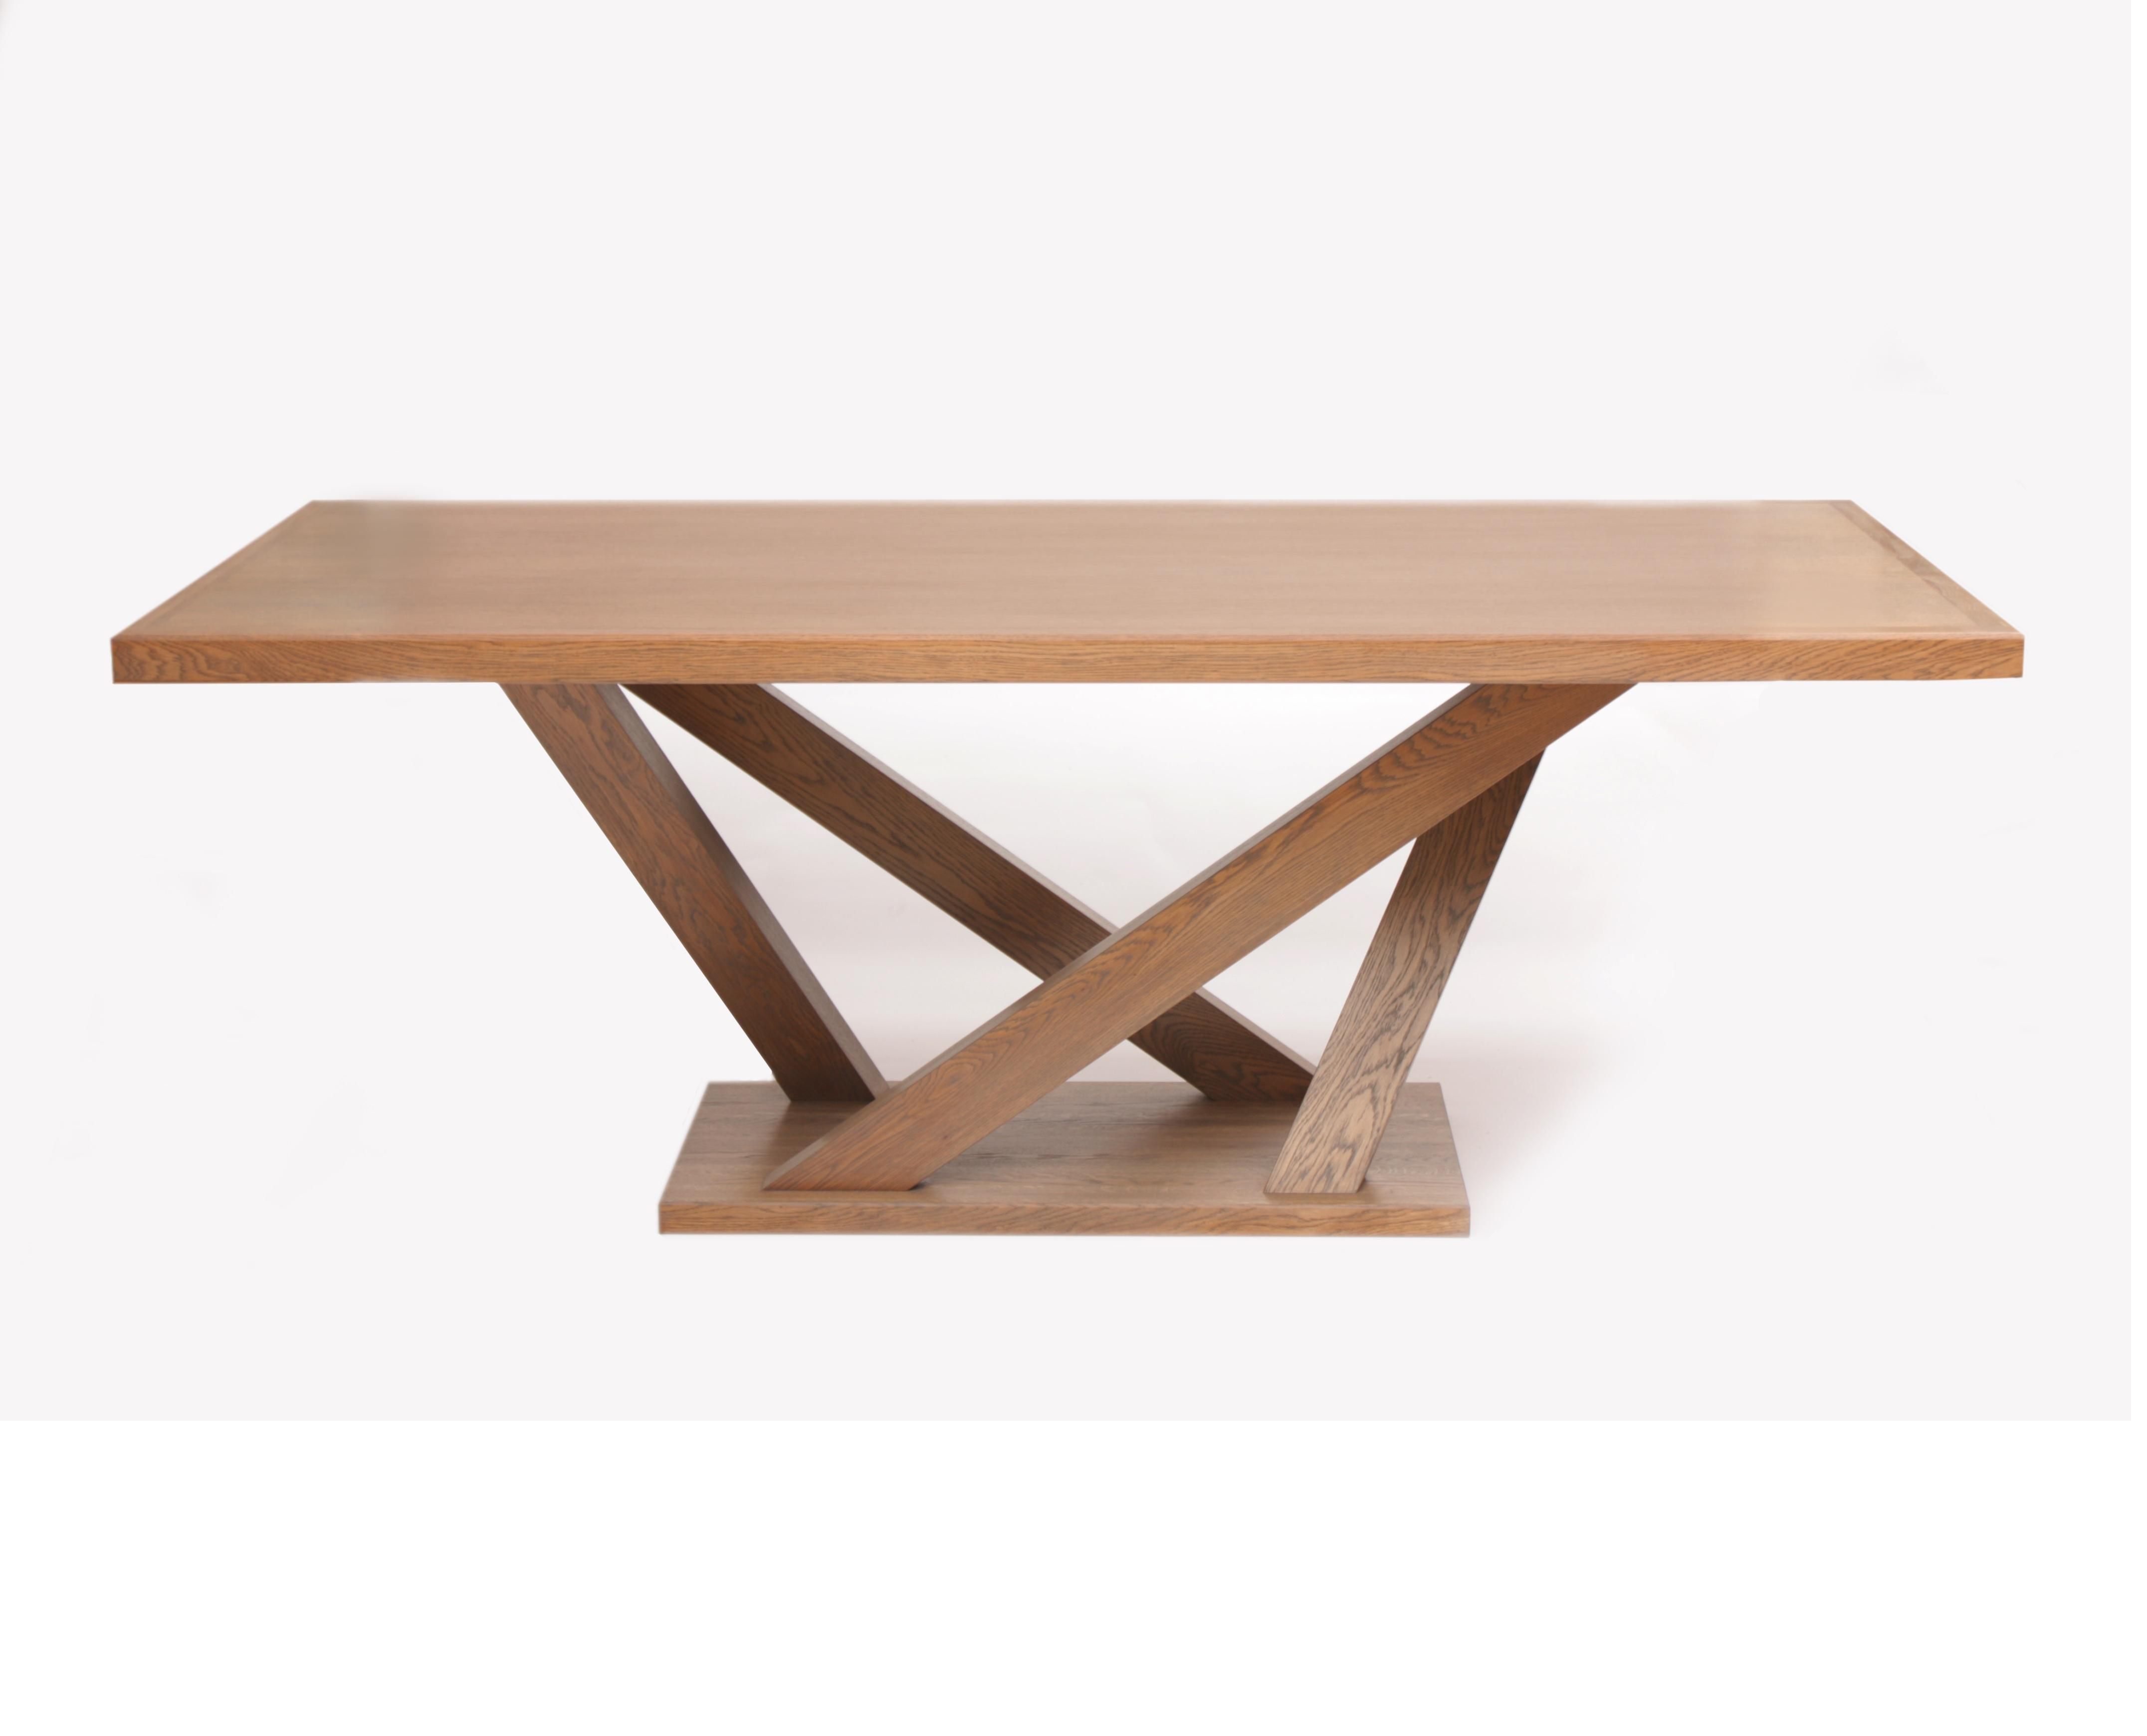 Обеденный стол РемизОбеденные столы<br>Обеденный стол изготовлен из массива дуба и МДФ, фанерованного шпоном дуба.&amp;amp;nbsp;&amp;amp;nbsp;Покрытие - масло для мебели и столешниц.&amp;amp;nbsp;Современный дизайн в сочетании с классическими материалами дает требуемый WOW-эффект.<br><br>Material: Дуб<br>Length см: None<br>Width см: 200<br>Depth см: 100<br>Height см: 75<br>Diameter см: None